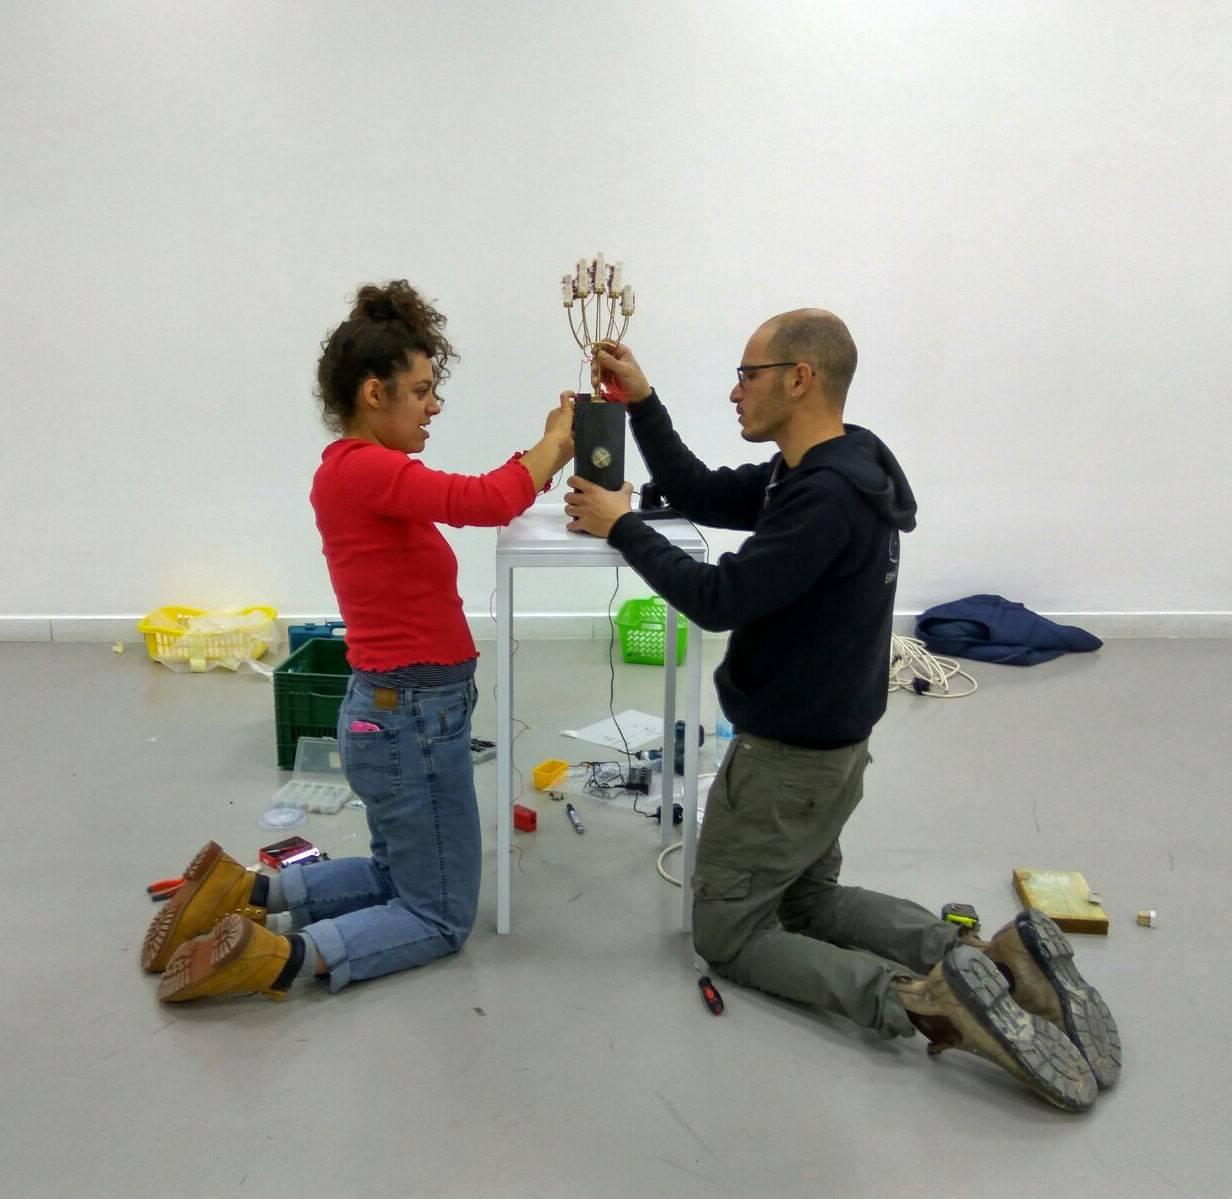 מקימים את התערוכה, נטלי אילון בעבודת צוות